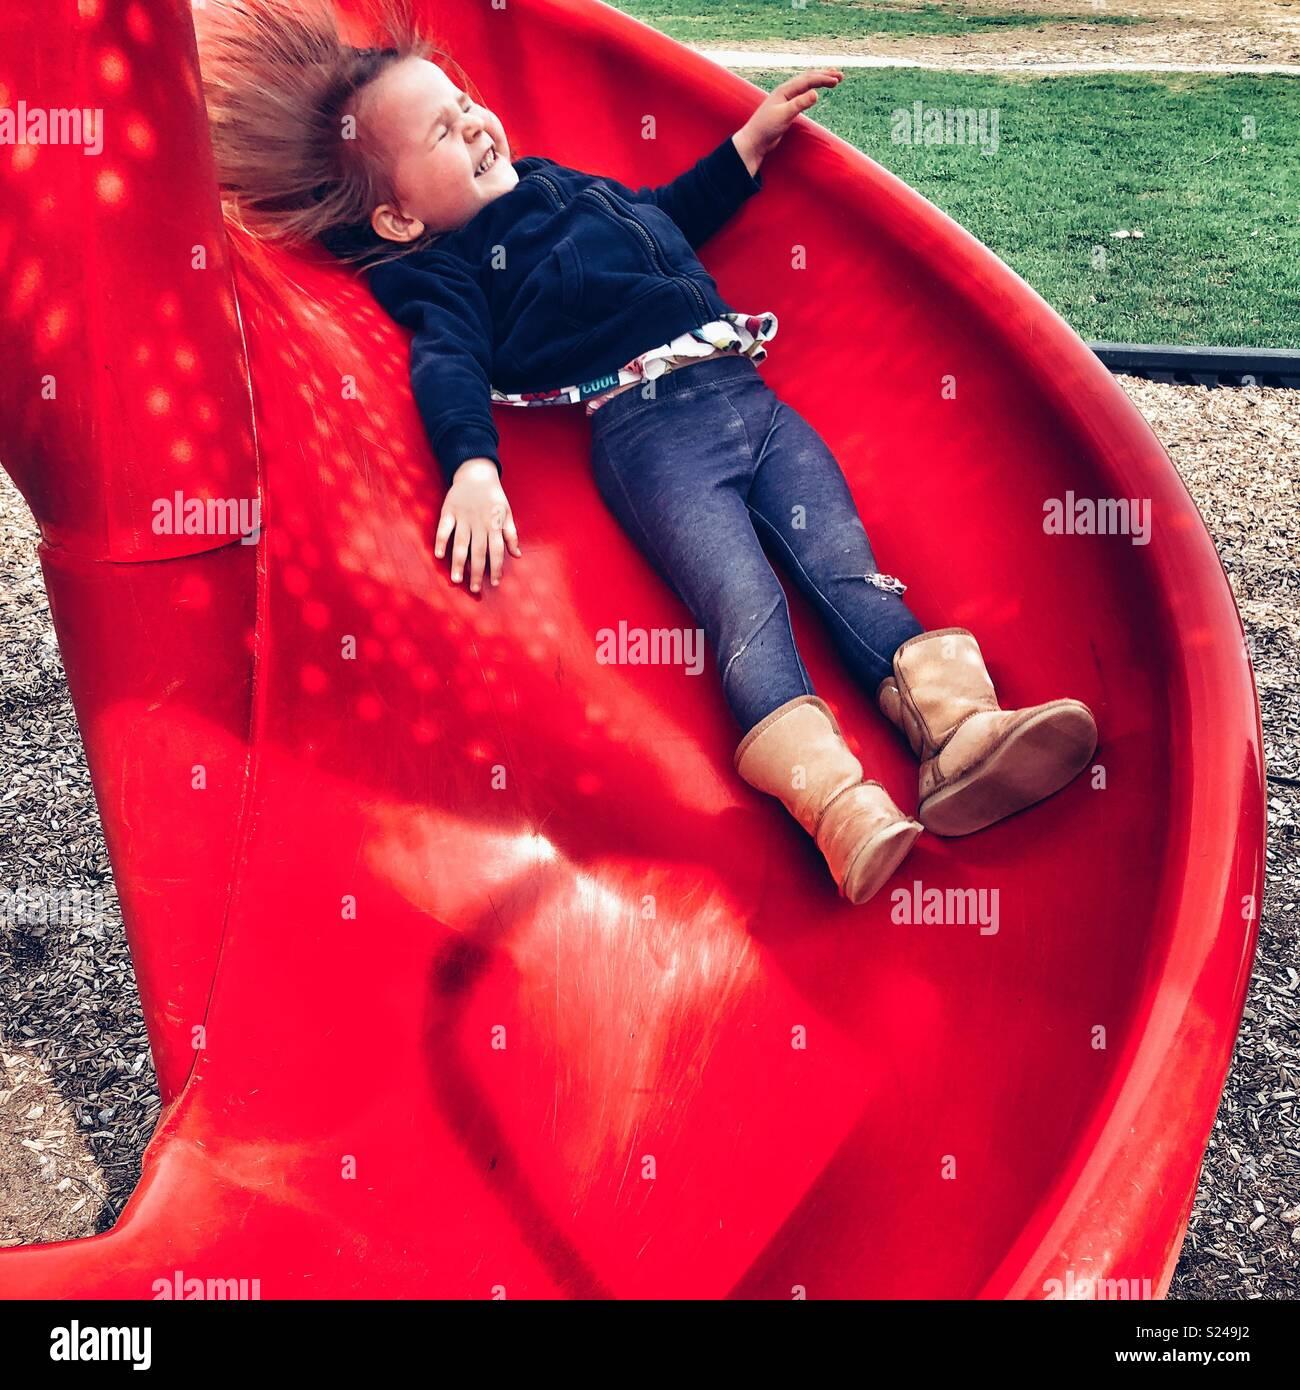 Girl smiling heureusement tout en glissant sur un toboggan aire rouge Photo Stock